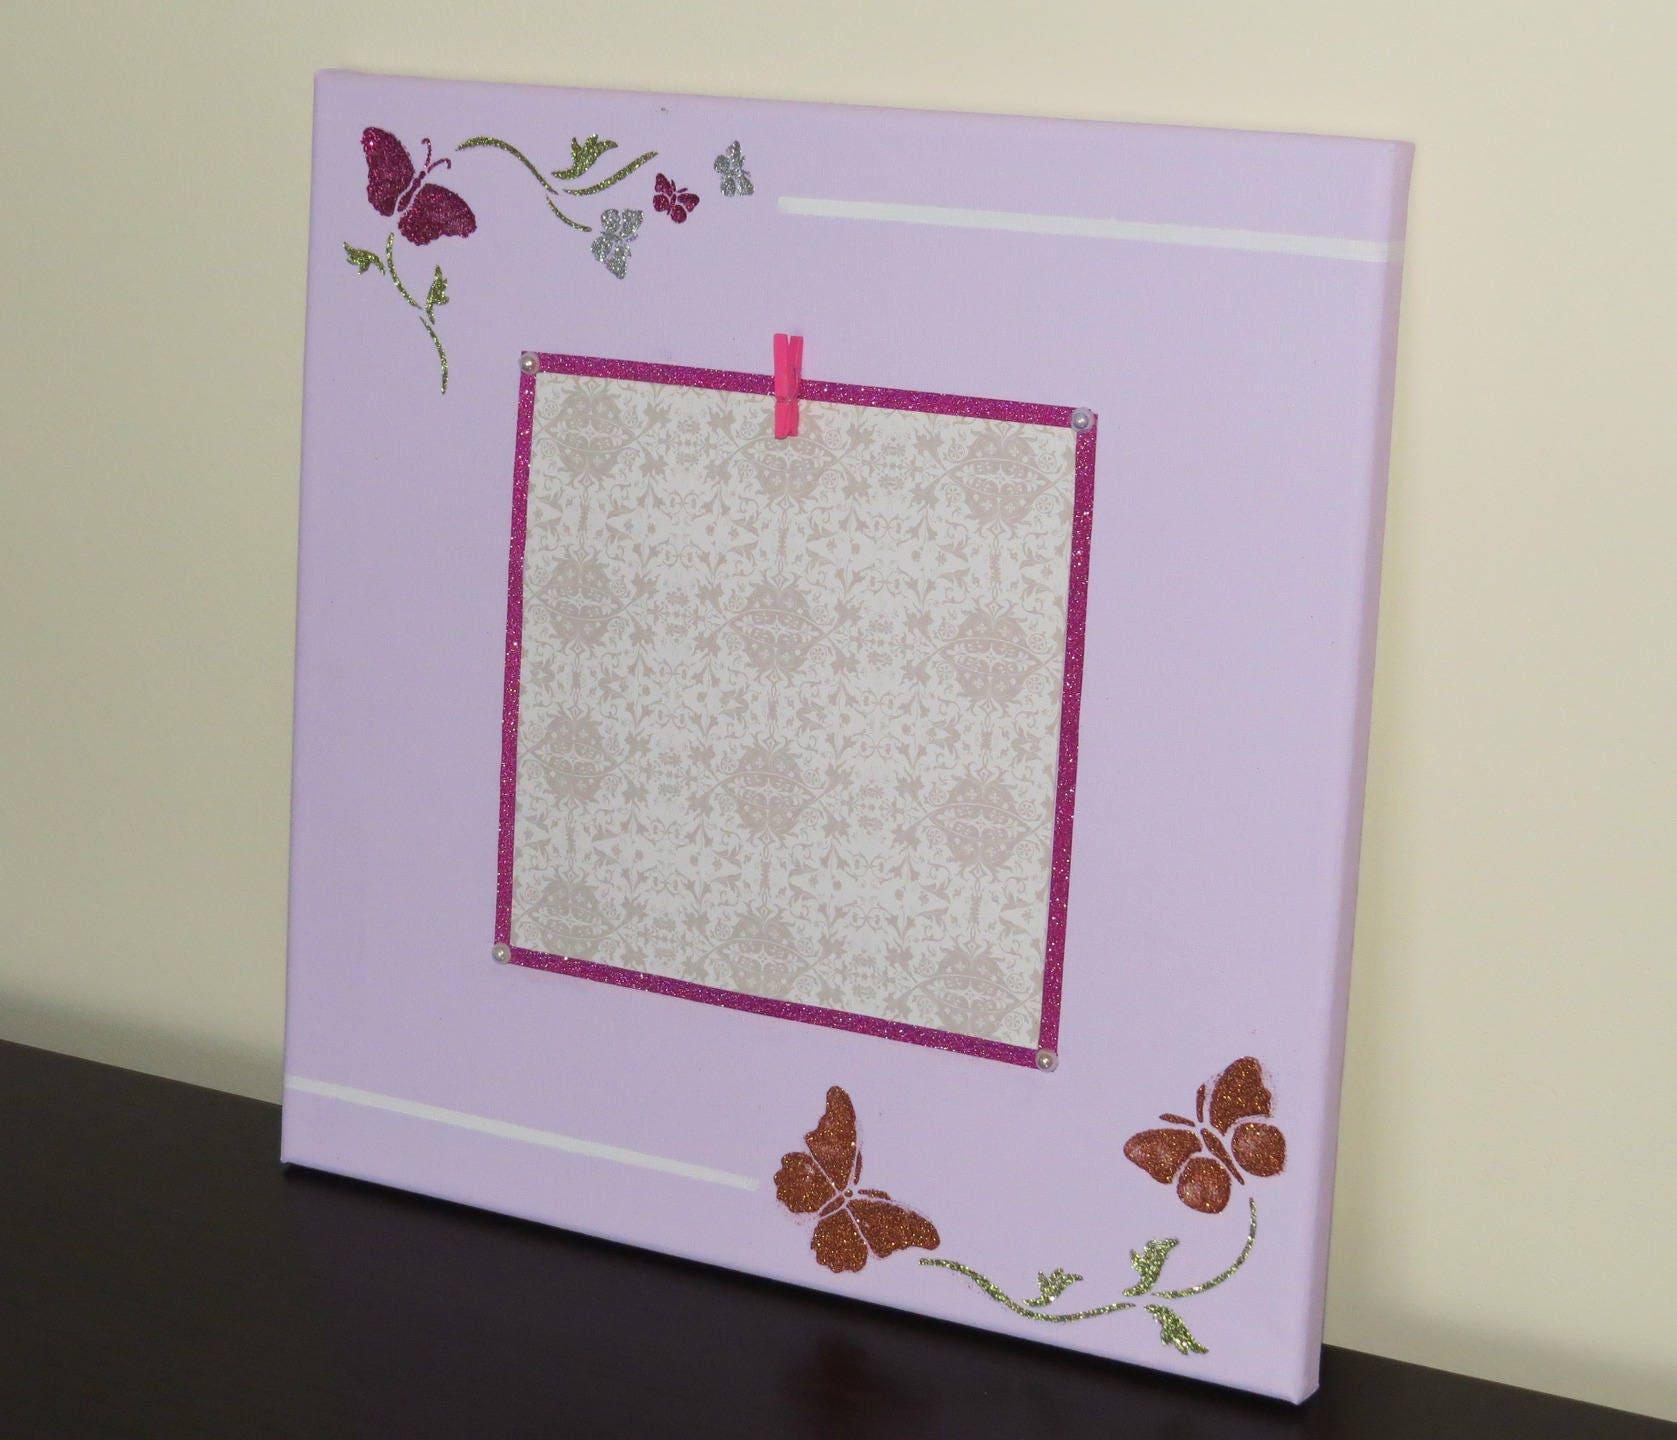 cadre photo avec papillons rose paillettes d coration. Black Bedroom Furniture Sets. Home Design Ideas